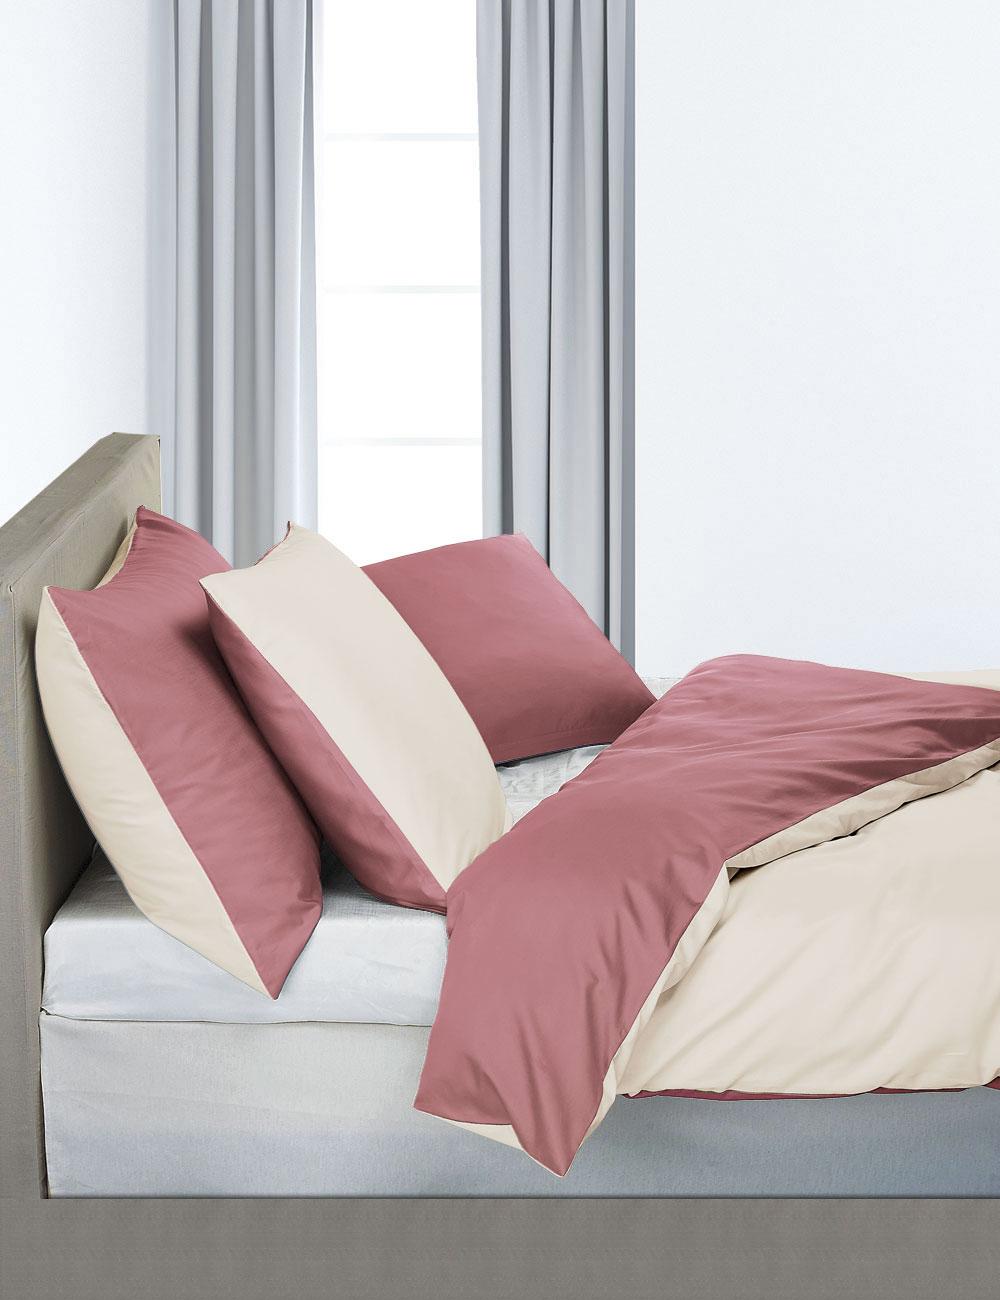 bettw sche bettw sche indhira mit fantasievollem muster. Black Bedroom Furniture Sets. Home Design Ideas